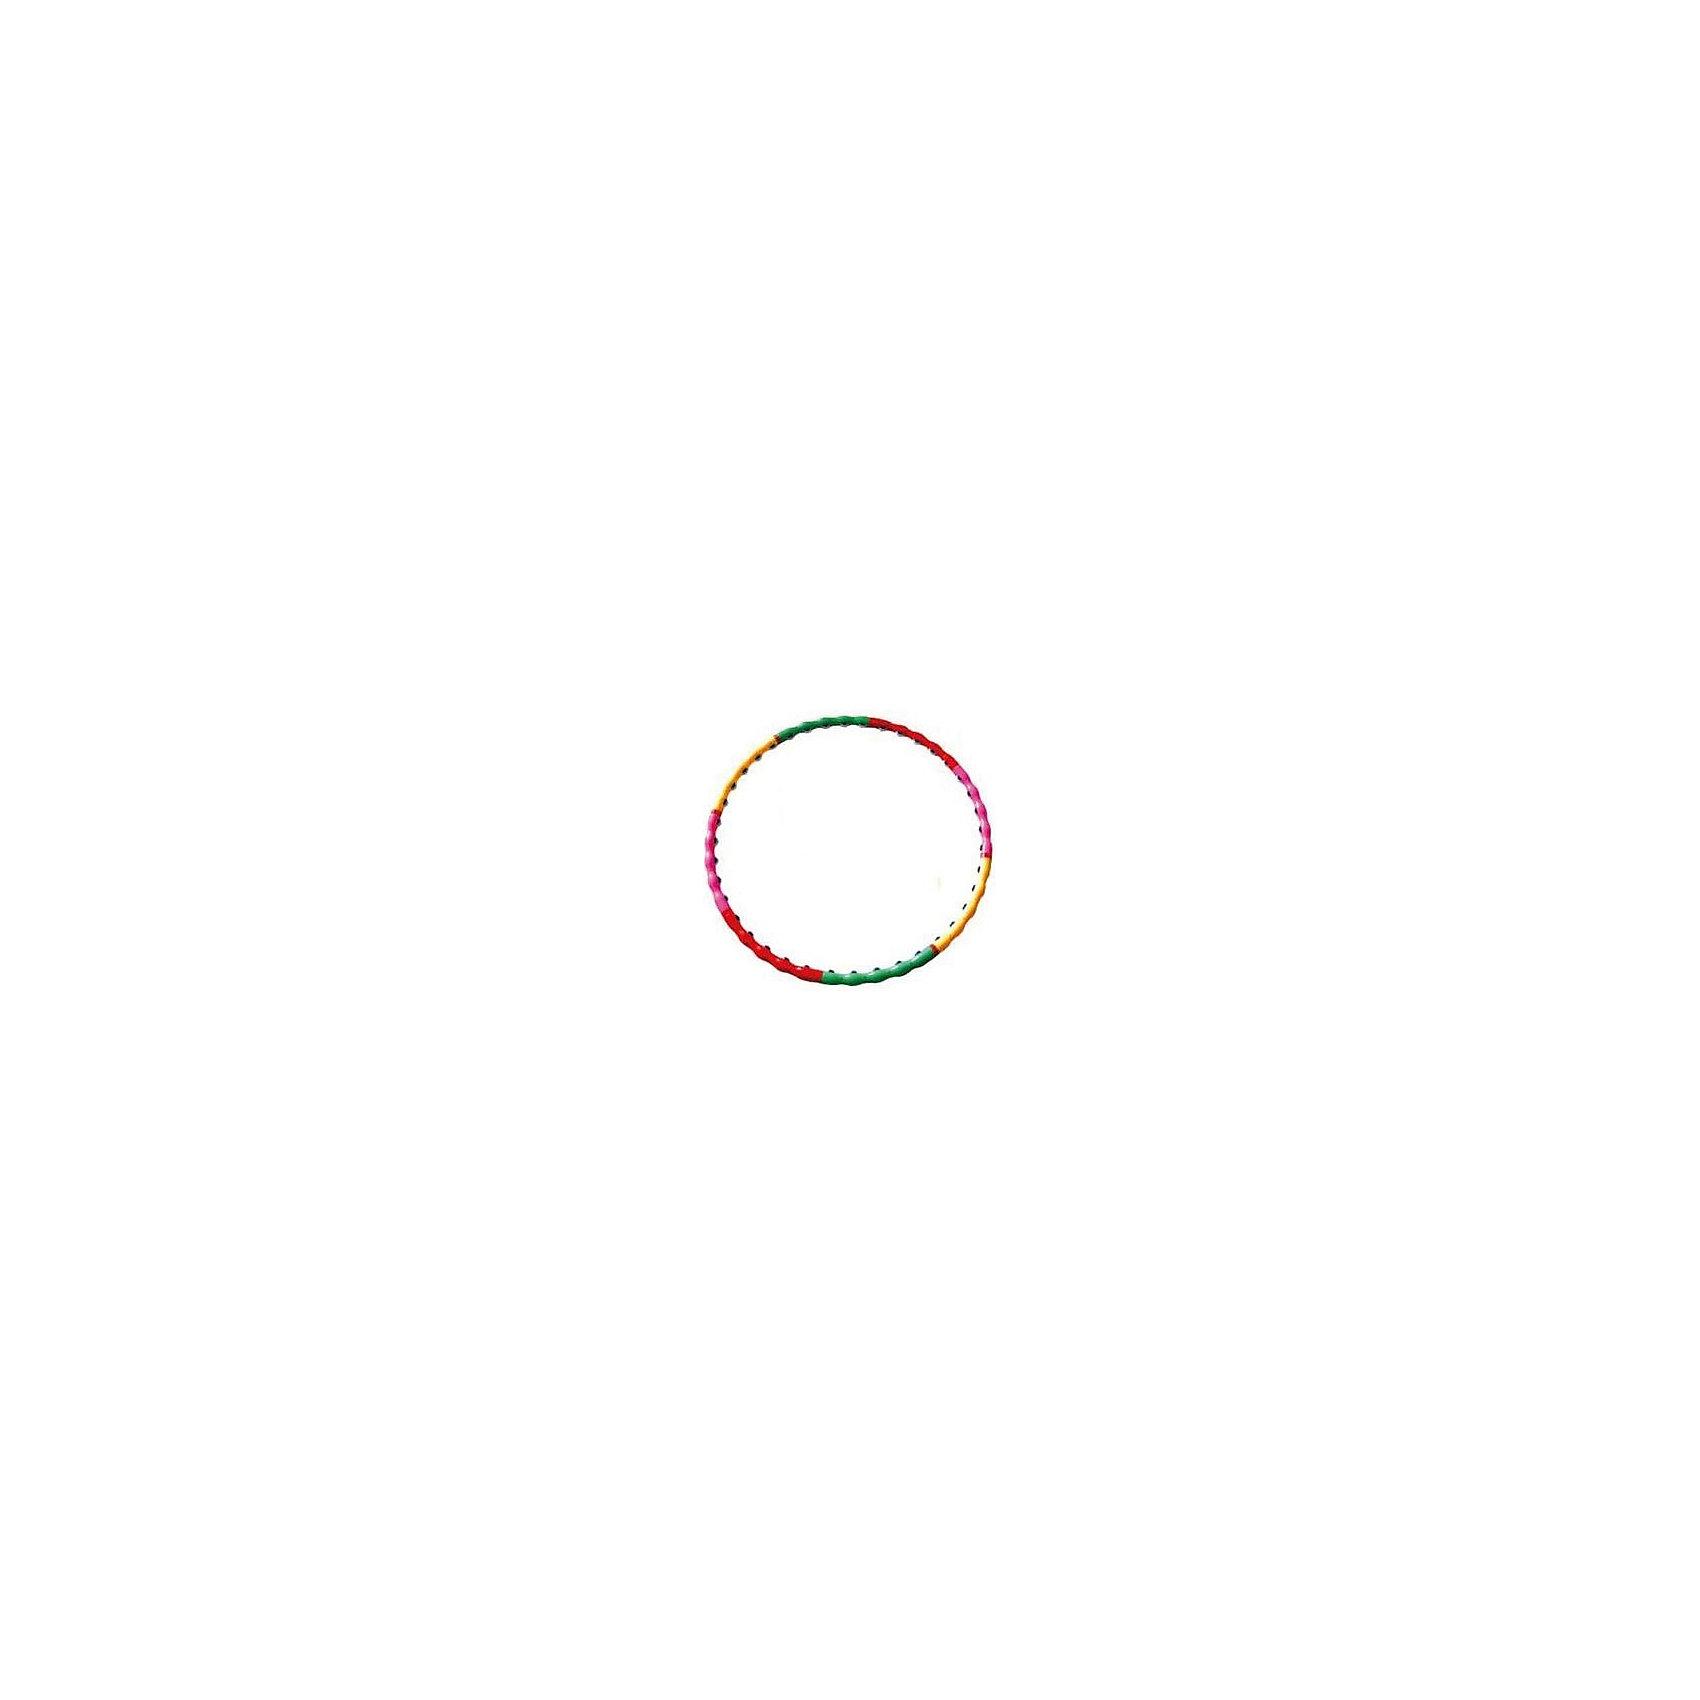 Обруч массажный разборный 45 BD, Z-SportsМассажеры<br>Основные характеристики<br><br>Тип: разборный, массажный<br>Диаметр: 105см<br>Материал: полипропилен<br>Количество сегментов: 8шт.<br>Вес: 0.8кг<br>Цвет: розовый/желтый<br>Страна-производитель: Китай<br>Упаковка: индивидуальная цветная коробка<br><br>Обруч применяется для коррекции фигуры в области талии, тренировки брюшных мышц, улучшения работы дыхательной и сердечно-сосудистой систем, повышая общий тонус организма. Развивает координацию движений, гибкость, укрепляет вестибулярный аппарат, мышцы рук, плеч, спины и ног. Нормализует работу кишечника. Имеет массажную поверхность, что дополнительно стимулирует проблемные зоны при тренировках. <br><br>Преимущества обруча 45BD:<br>- наличие внутренней массажной поверхности, обеспечивающей массаж в области талии и, тем самым, способствующей скорейшему сжиганию лишних килограмов;<br>- простой механизм сборки/разборки обруча и удобство в хранении.<br><br>Ширина мм: 90<br>Глубина мм: 440<br>Высота мм: 240<br>Вес г: 1650<br>Возраст от месяцев: 36<br>Возраст до месяцев: 192<br>Пол: Унисекс<br>Возраст: Детский<br>SKU: 5056655